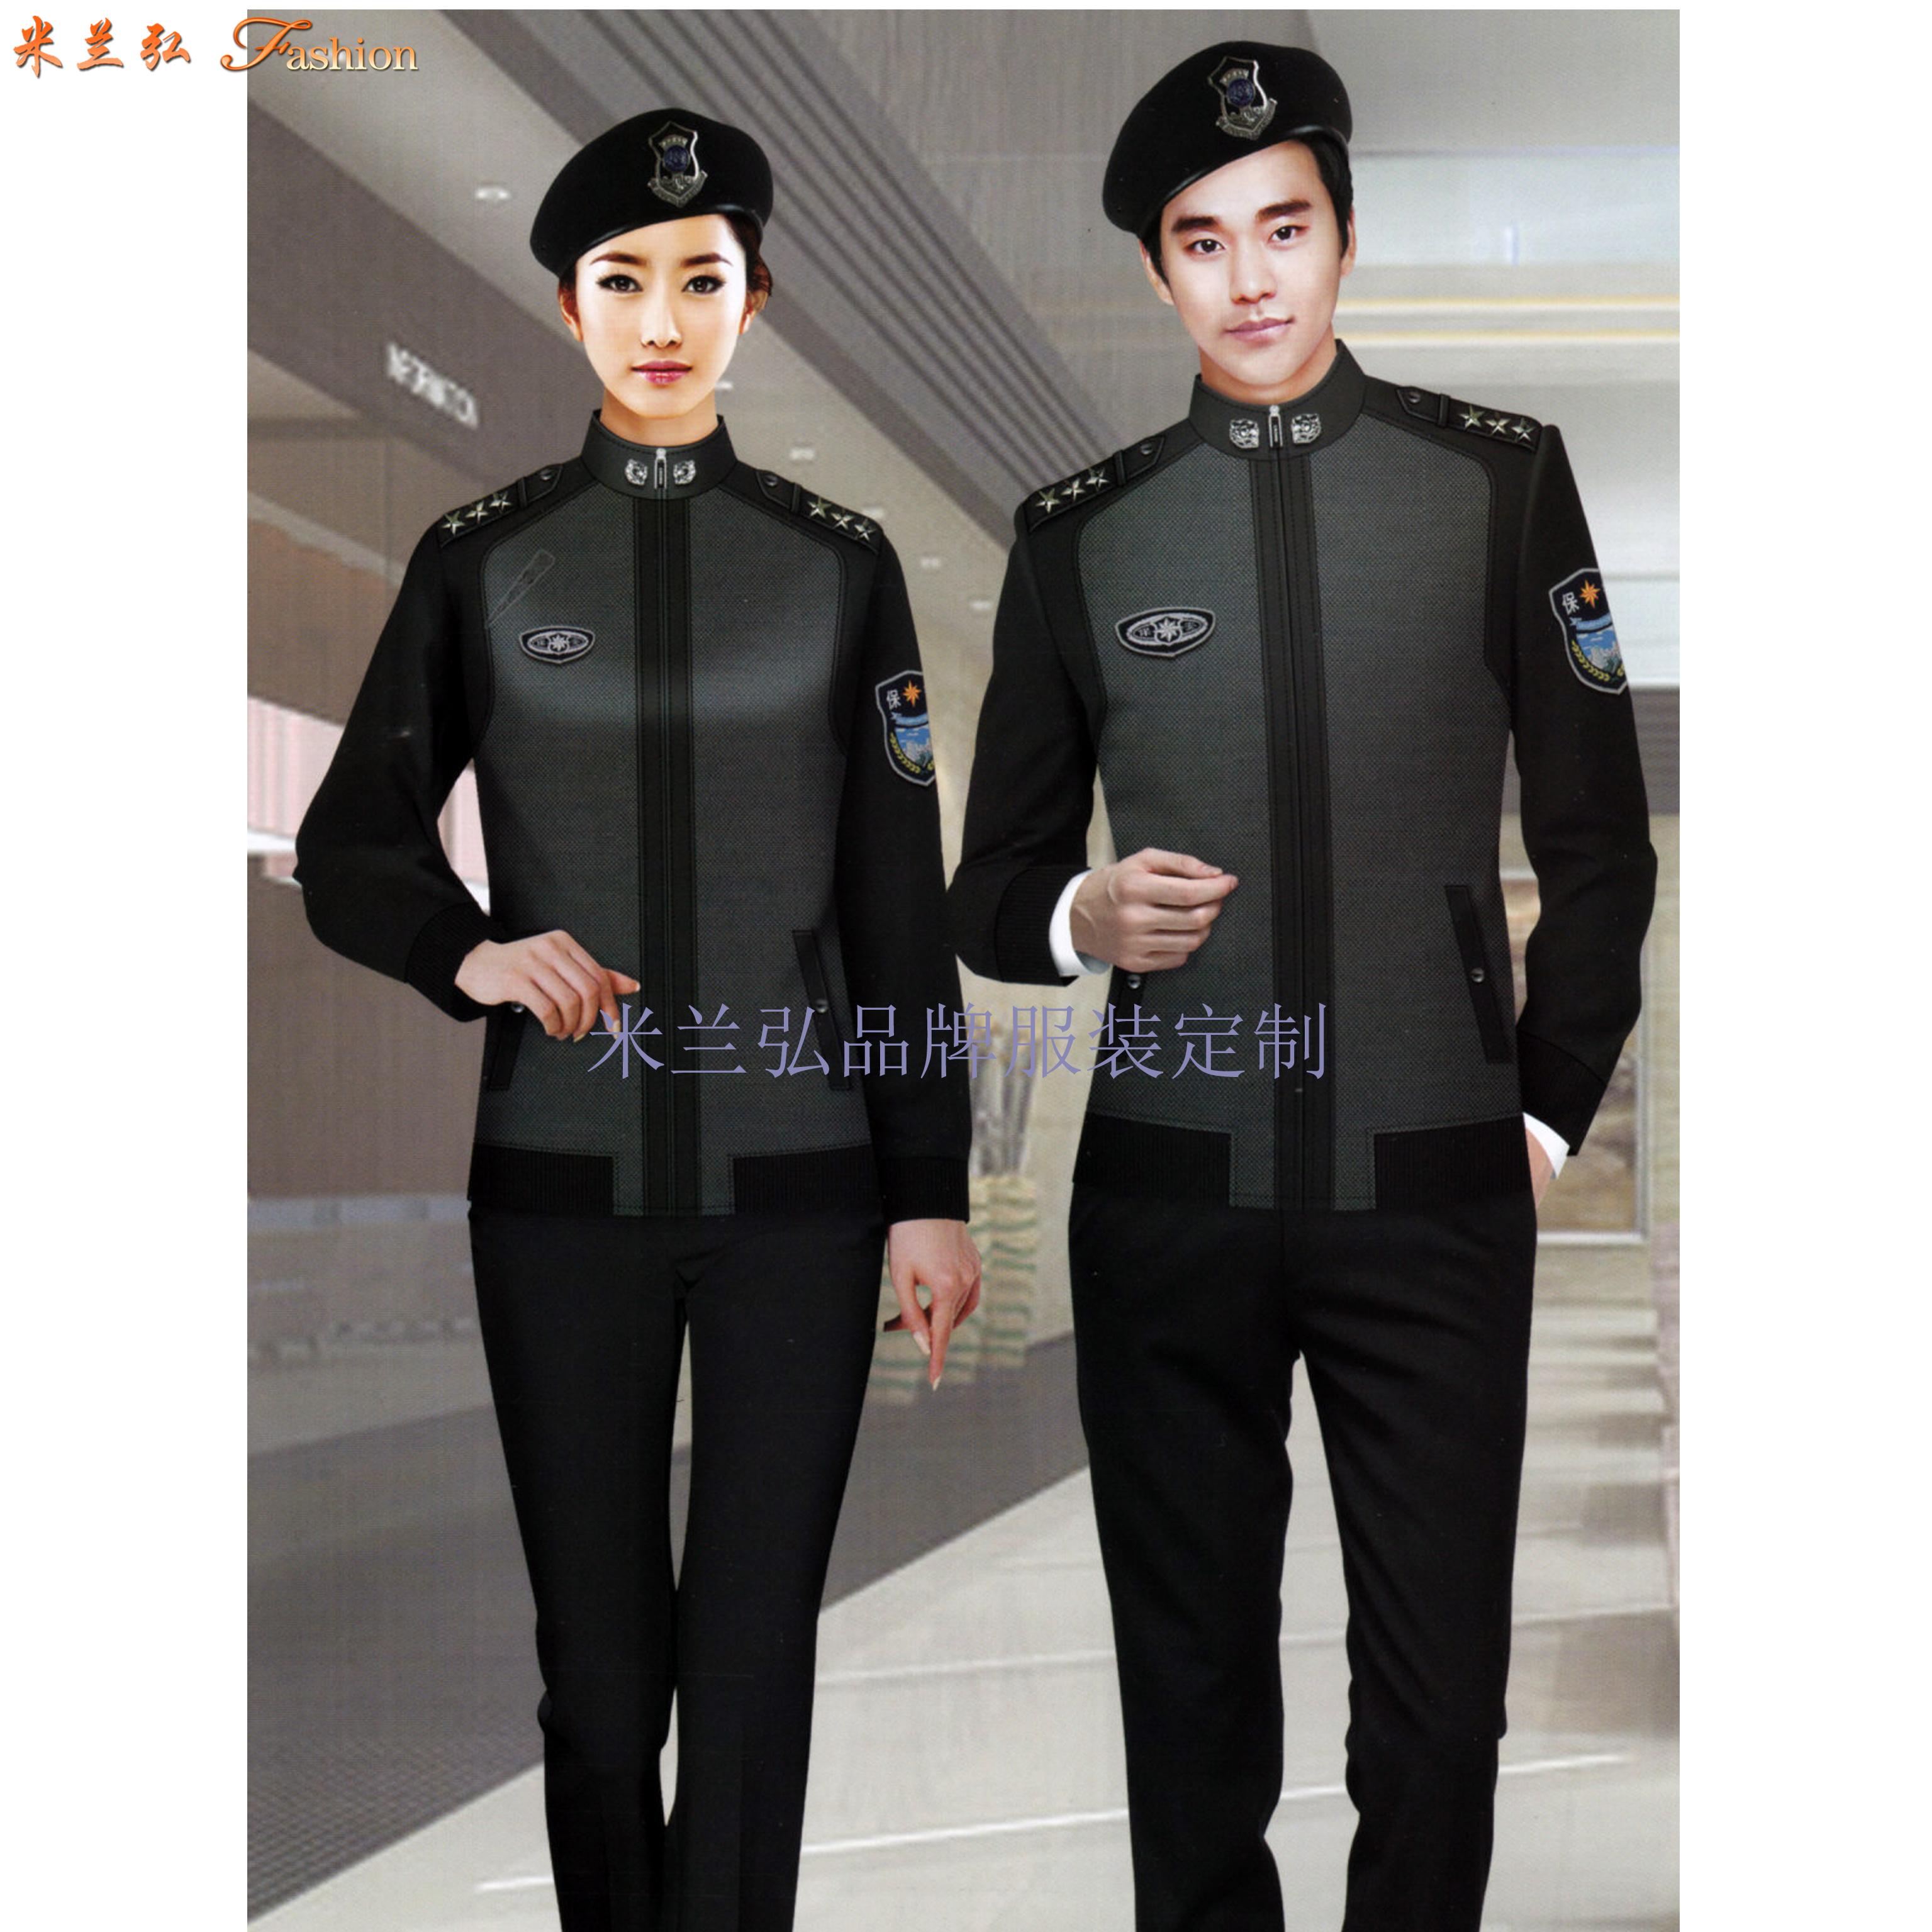 保安服定做廠家 米蘭弘新款價格低質量好的物業酒店安保制服-5